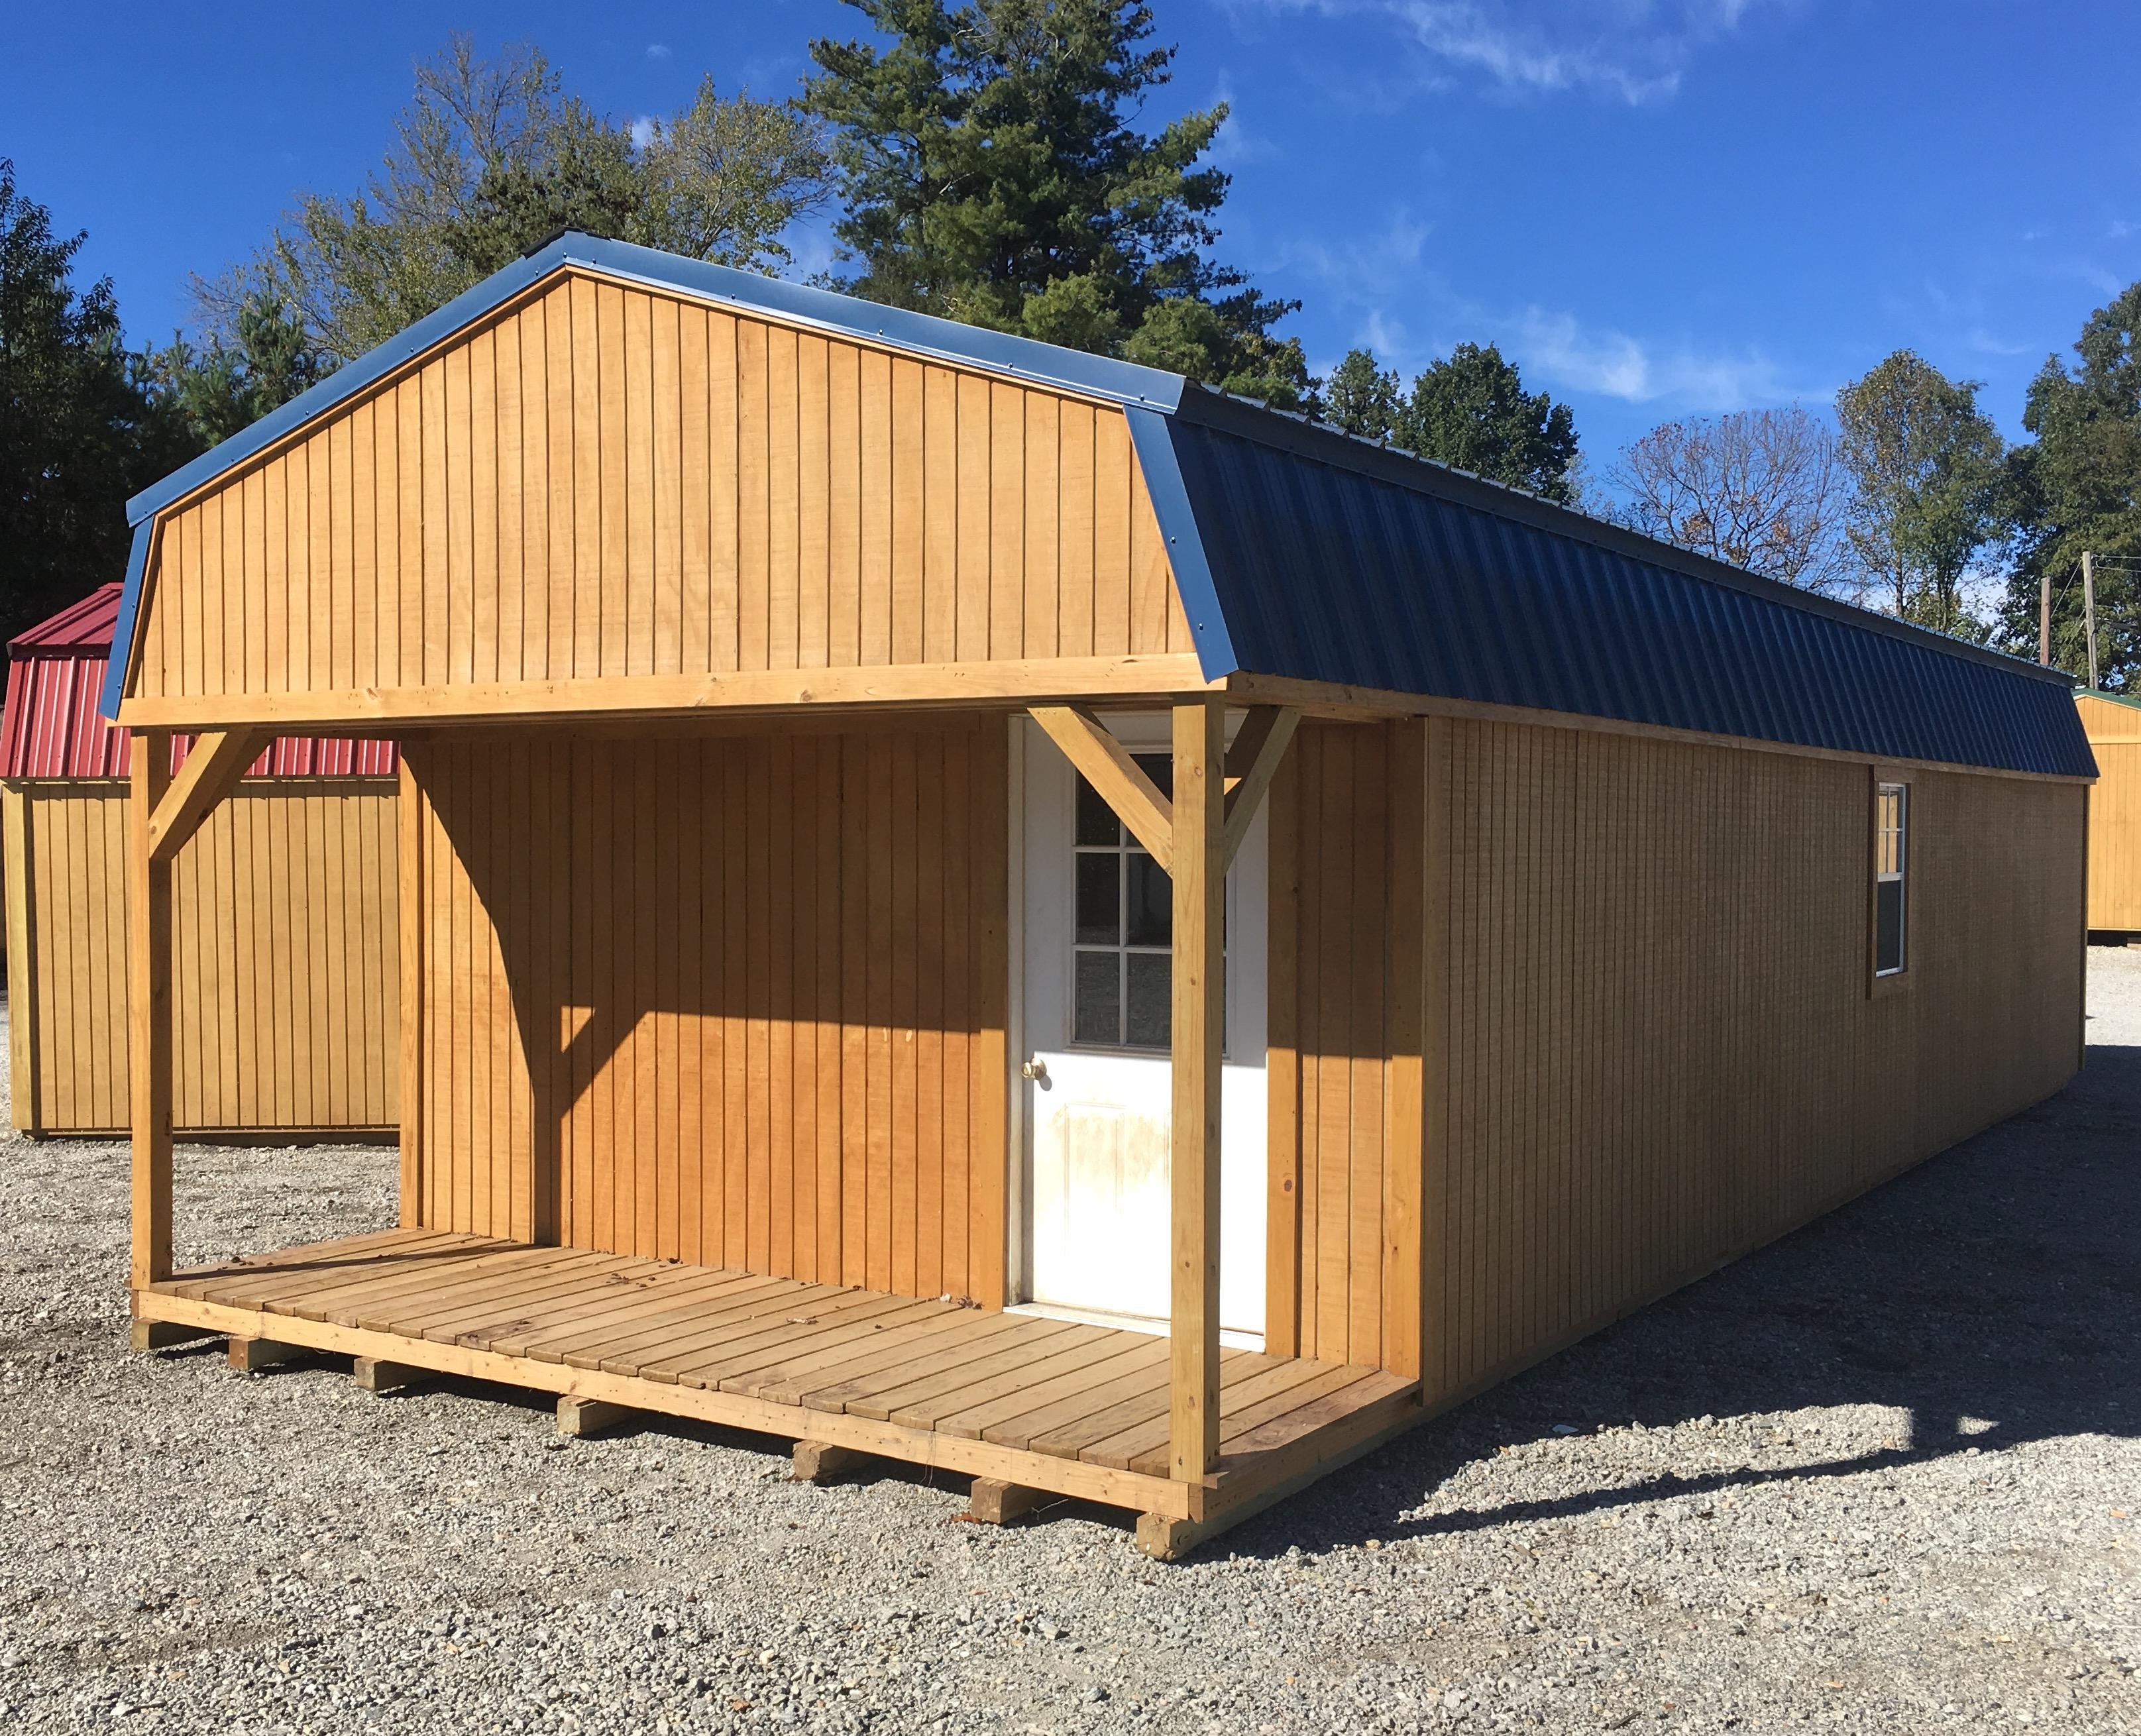 Storage Shed Gallery Modular Horse Barns Sheds Garages